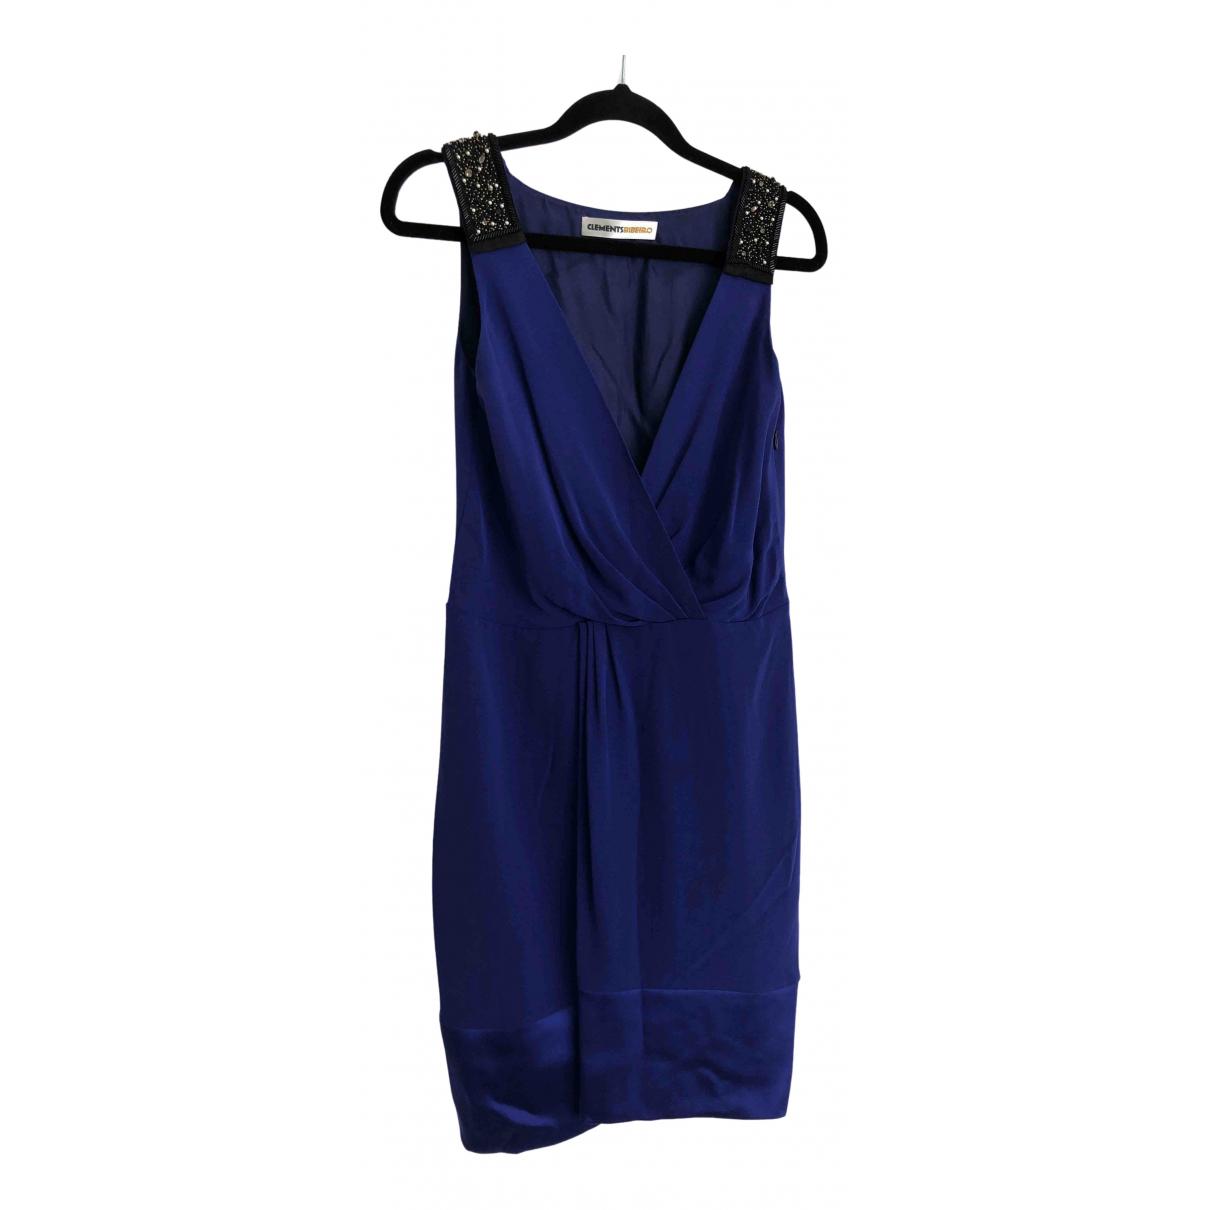 Clements Ribeiro - Robe   pour femme en soie - bleu